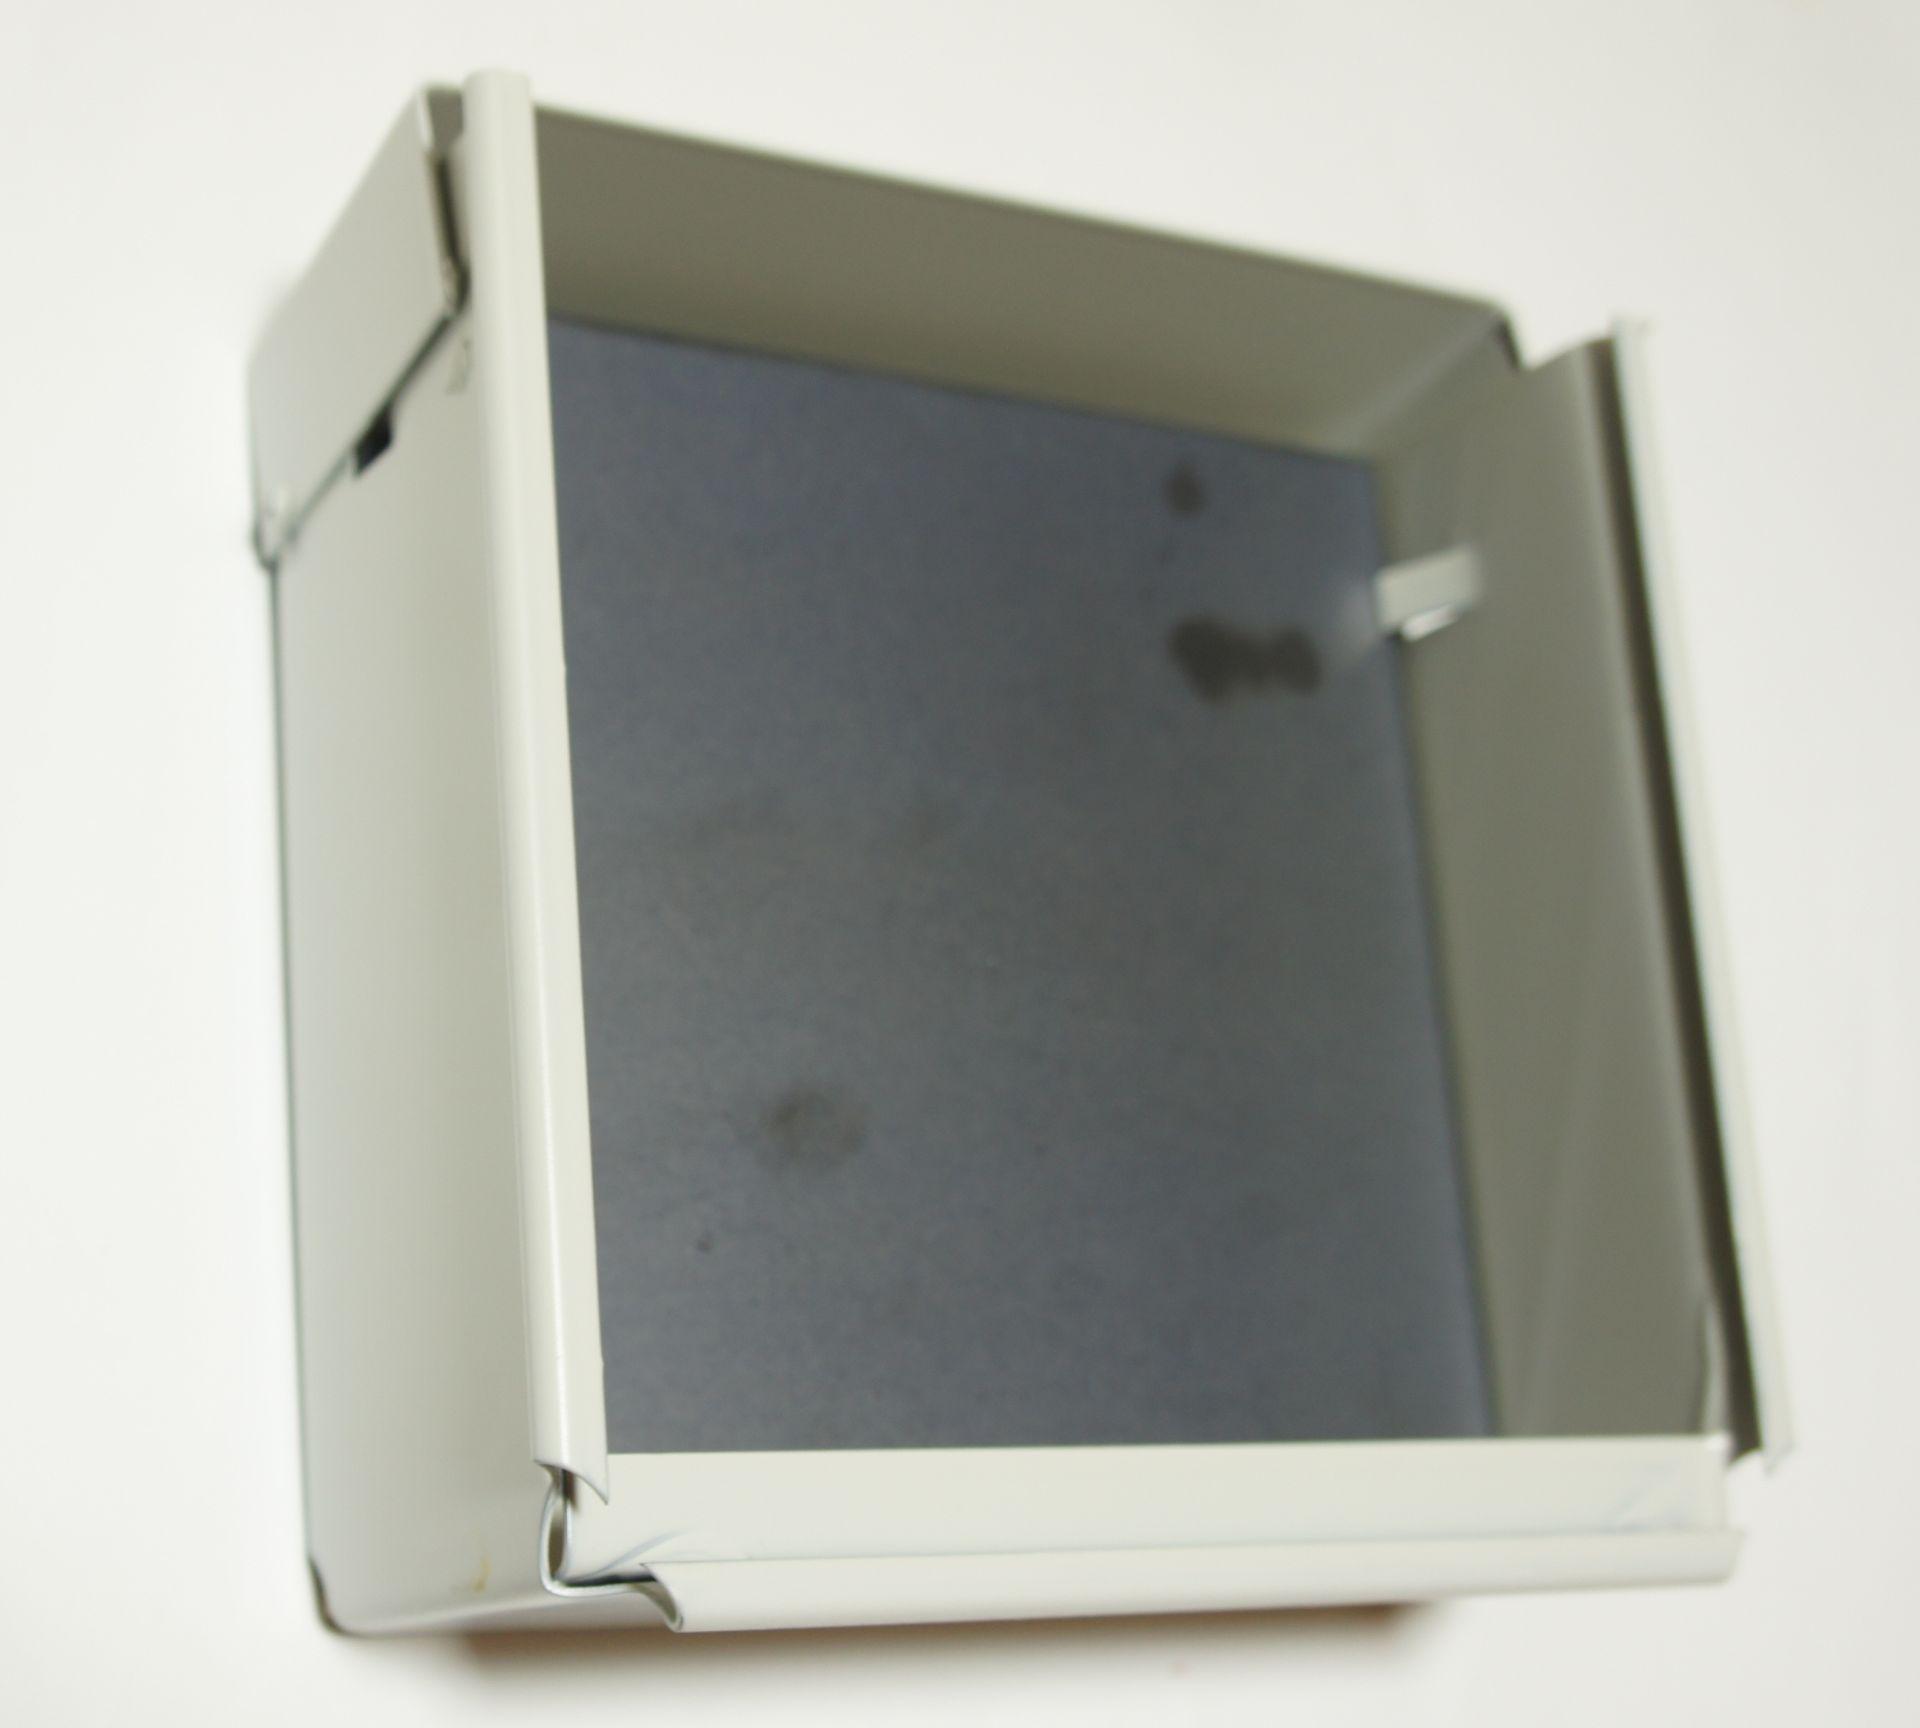 Als passendes Zubehör wird hier der  <a href=1310603.htm> Scheibenkasten im Format 17x17cm</a> gezeigt.